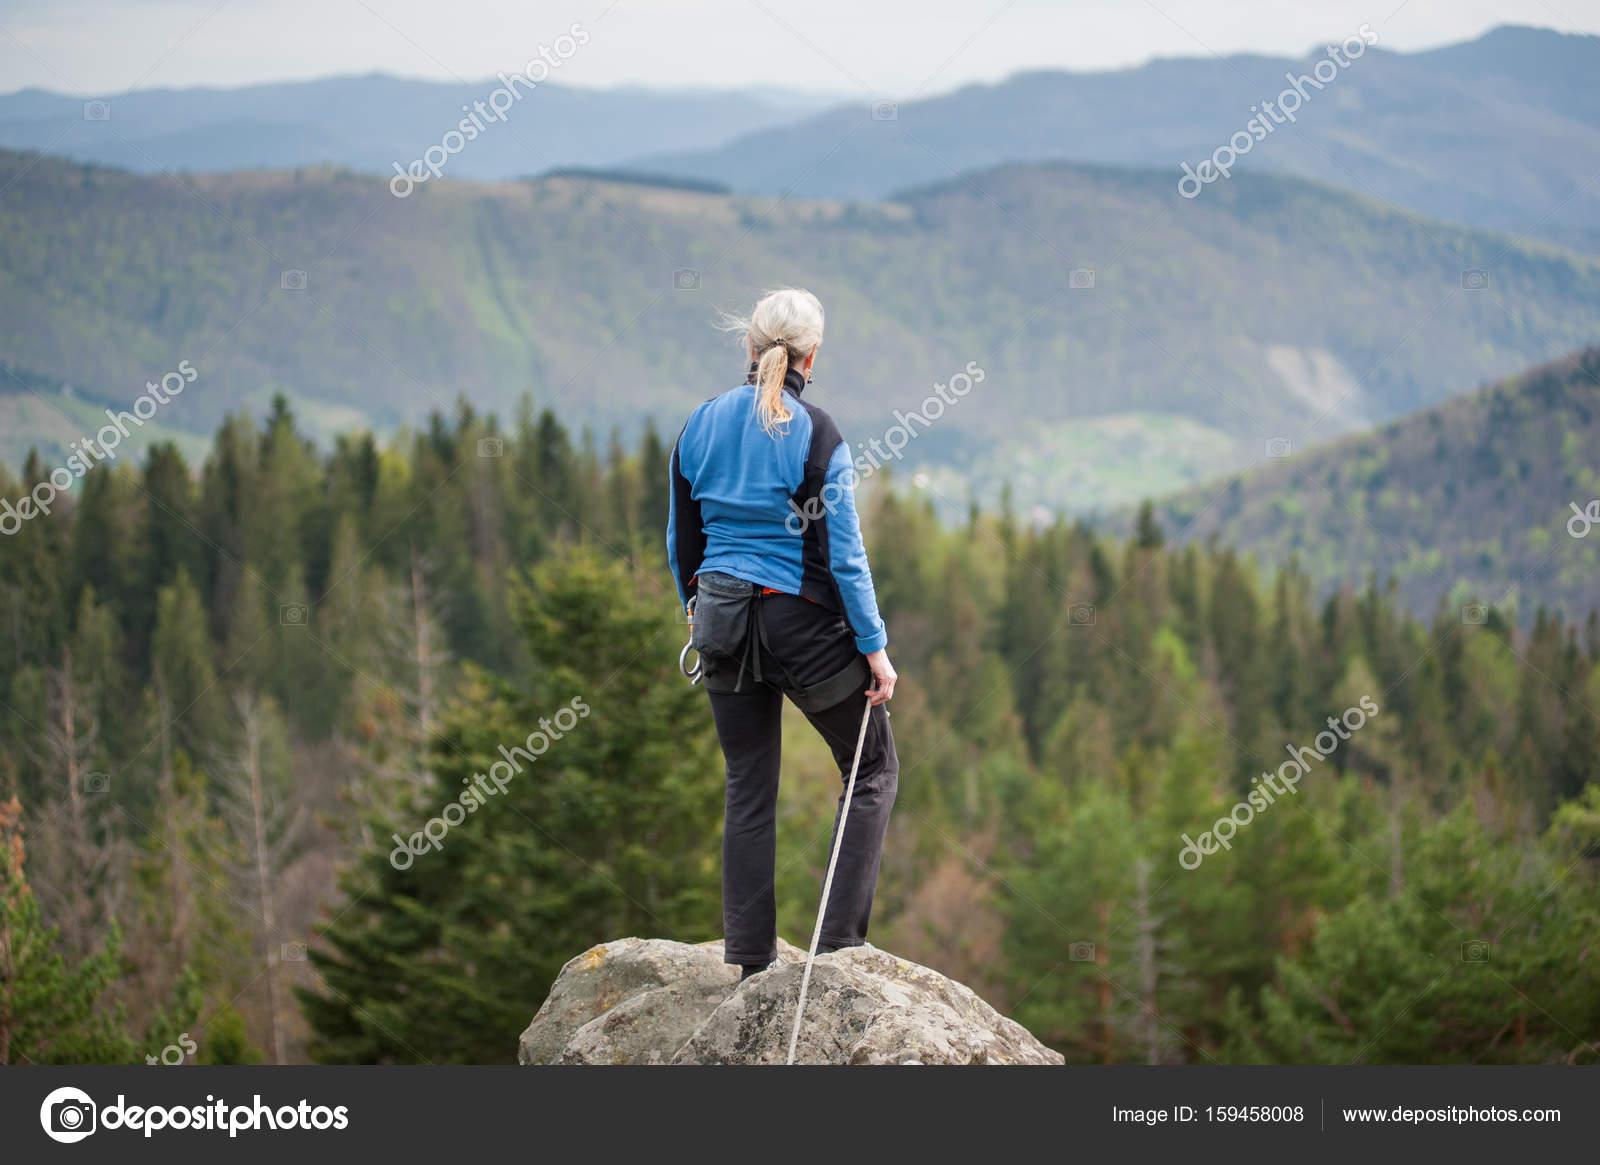 Kletterausrüstung Für Hunde : Weibliche bergsteiger auf dem gipfel des felsens mit